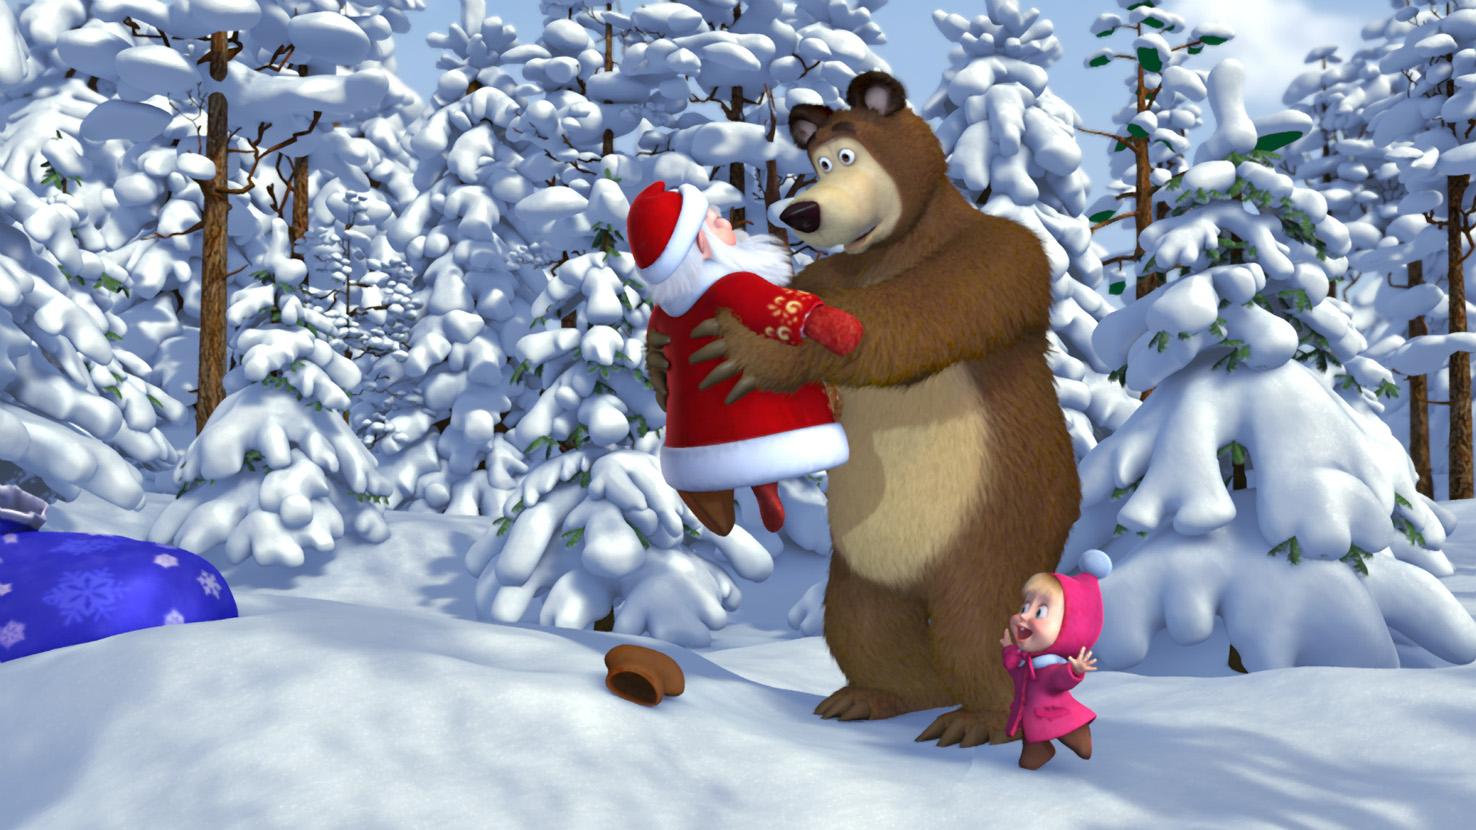 Маша и Медведь и дед Мороз - C наступающим новым годом 2017 поздравительные картинки